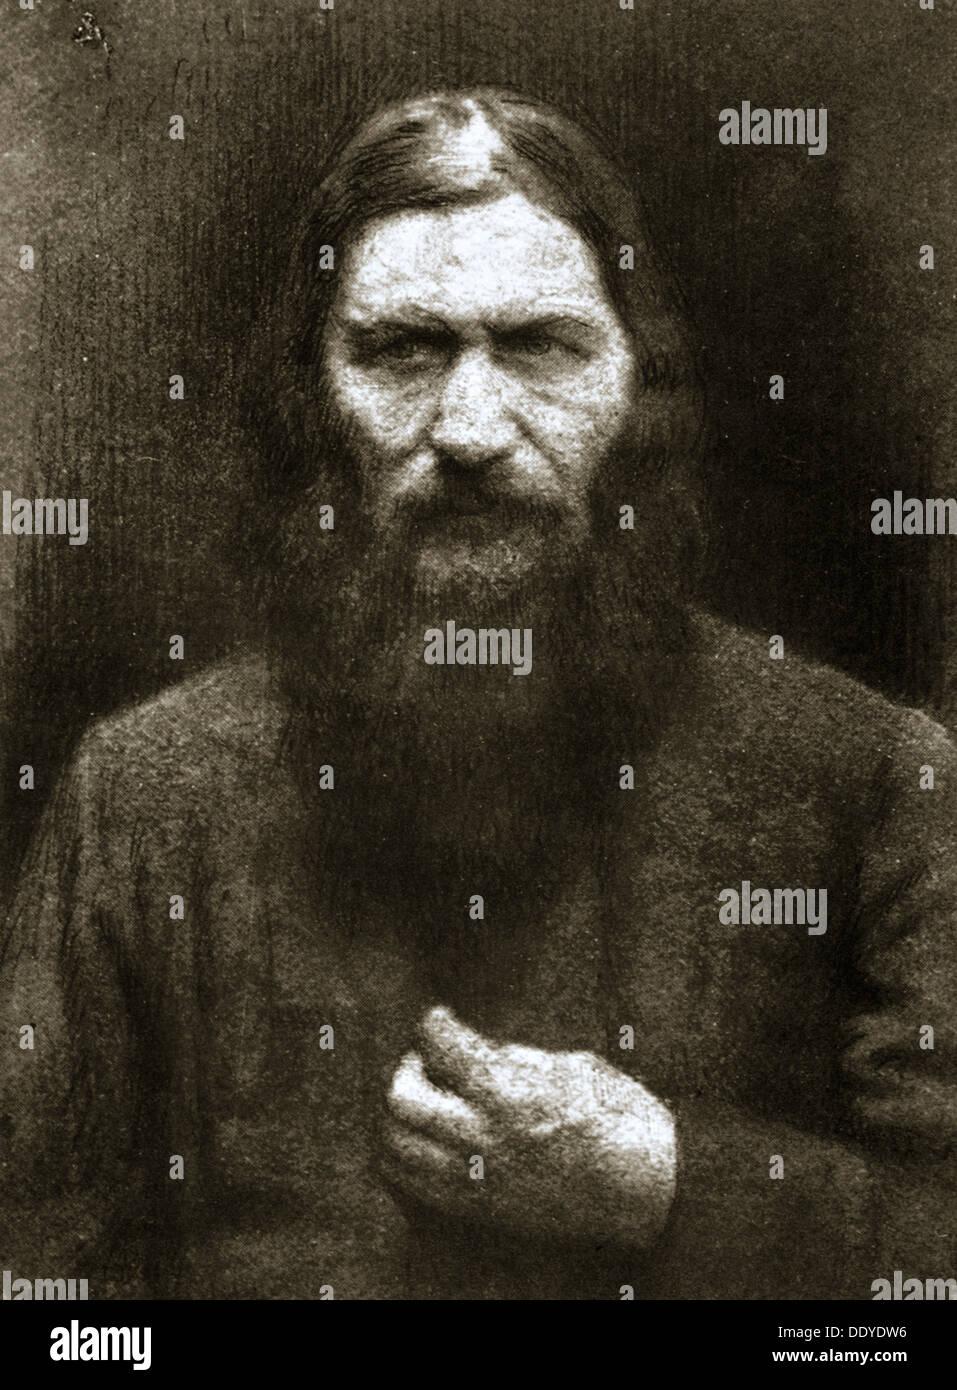 Rasputin, el místico ruso, a comienzos del siglo XX. Artista: Desconocido Imagen De Stock